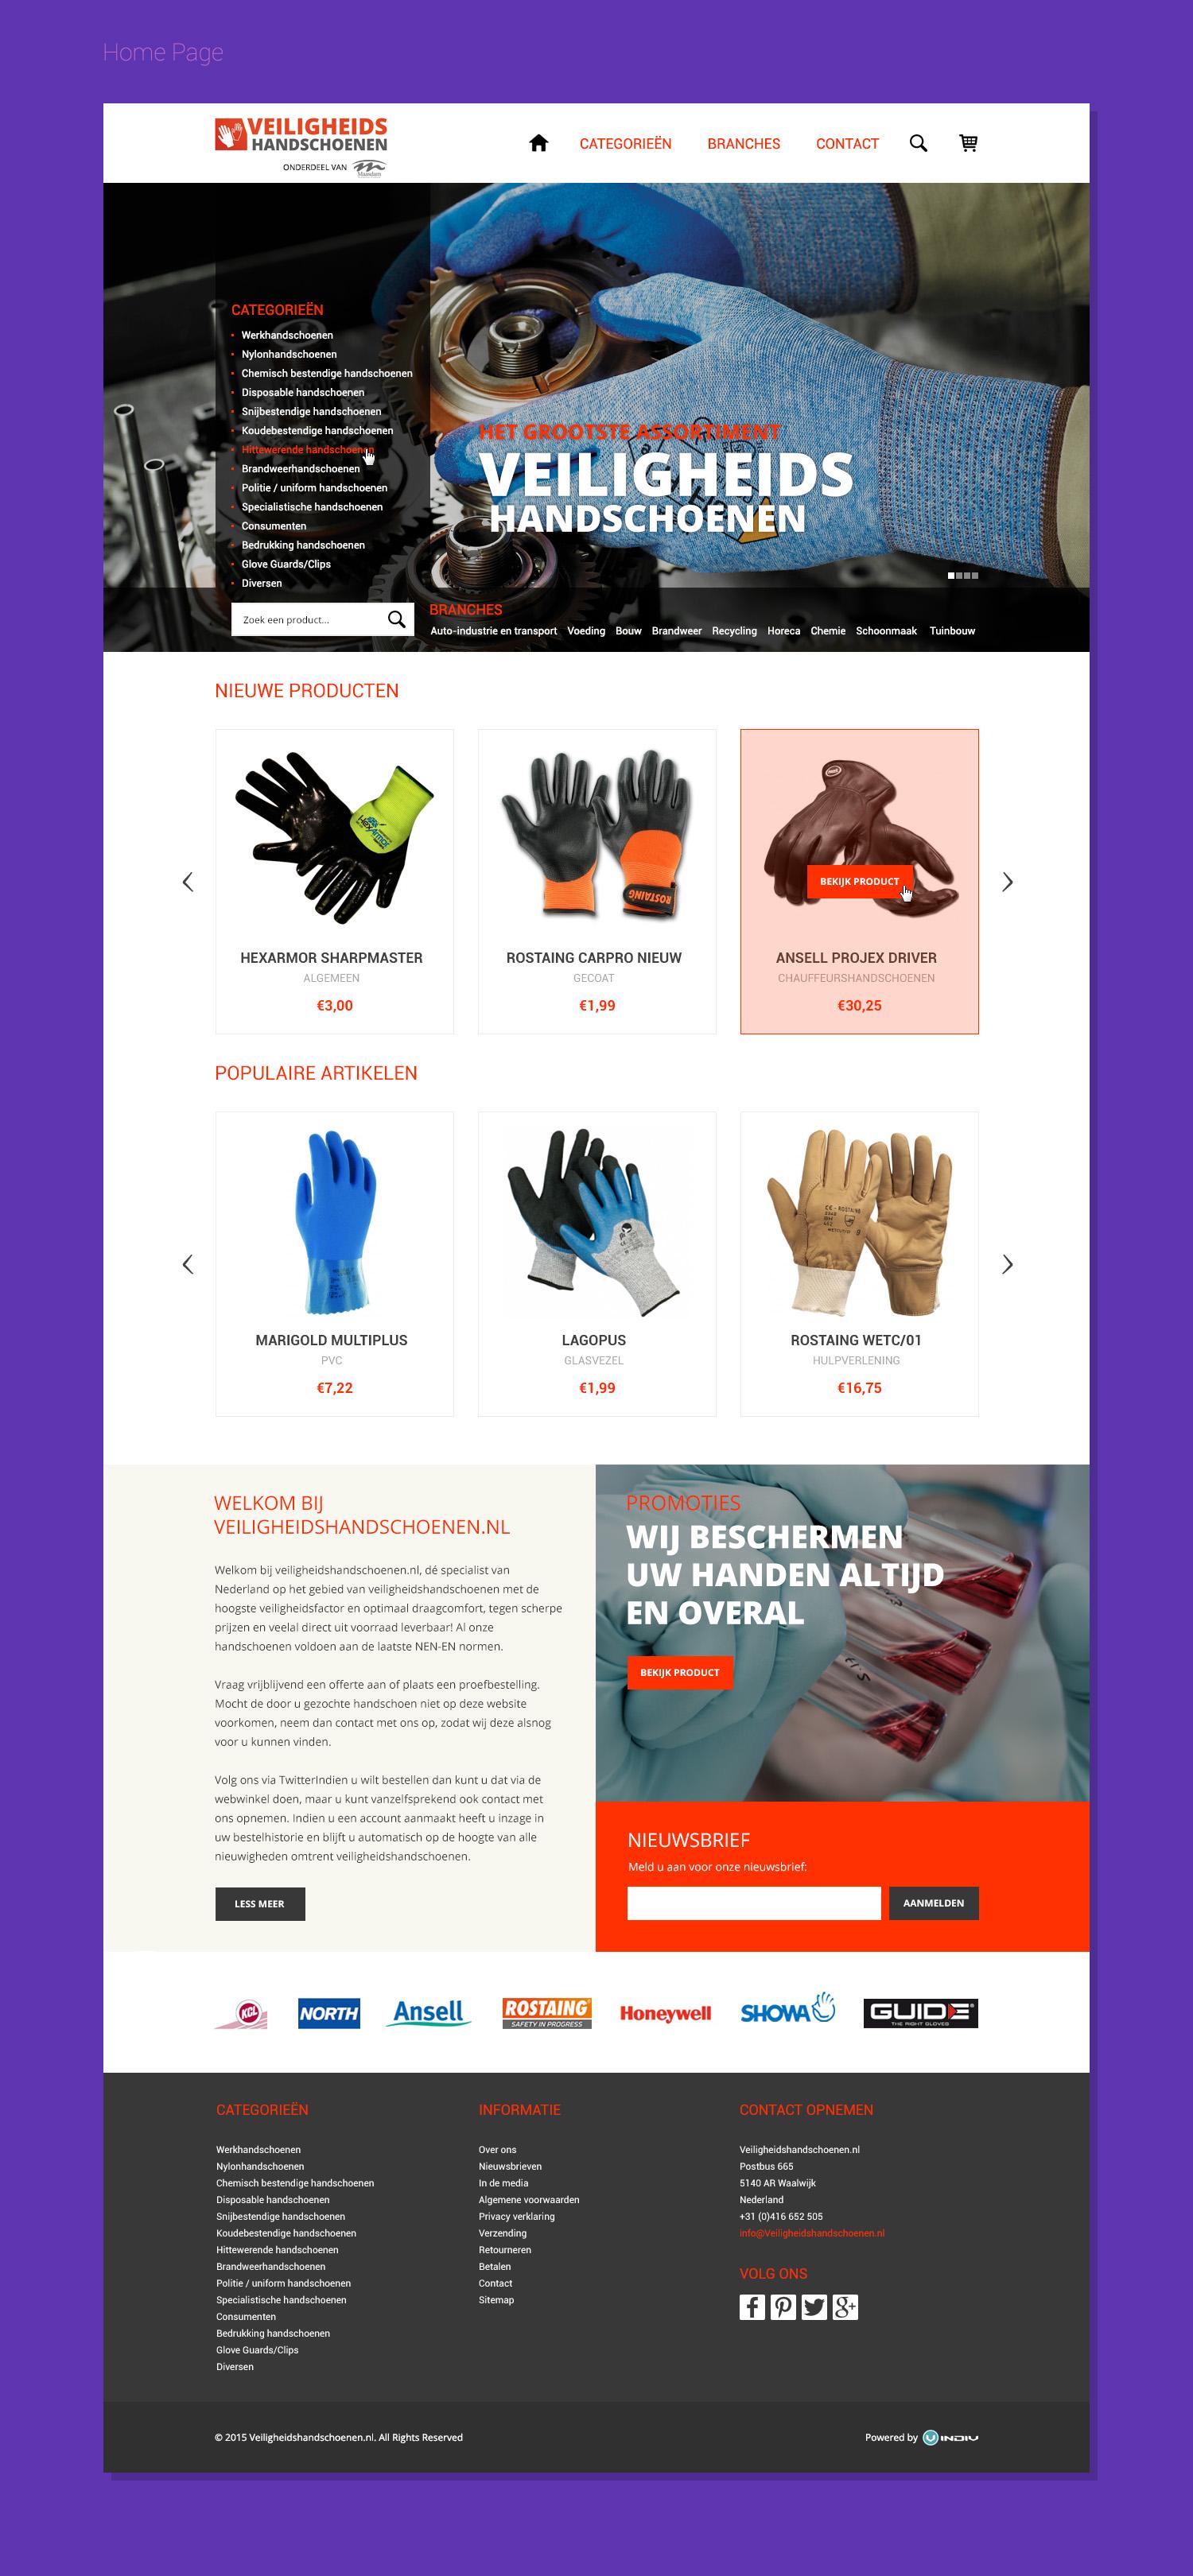 Veiligheids HandSchoenen www